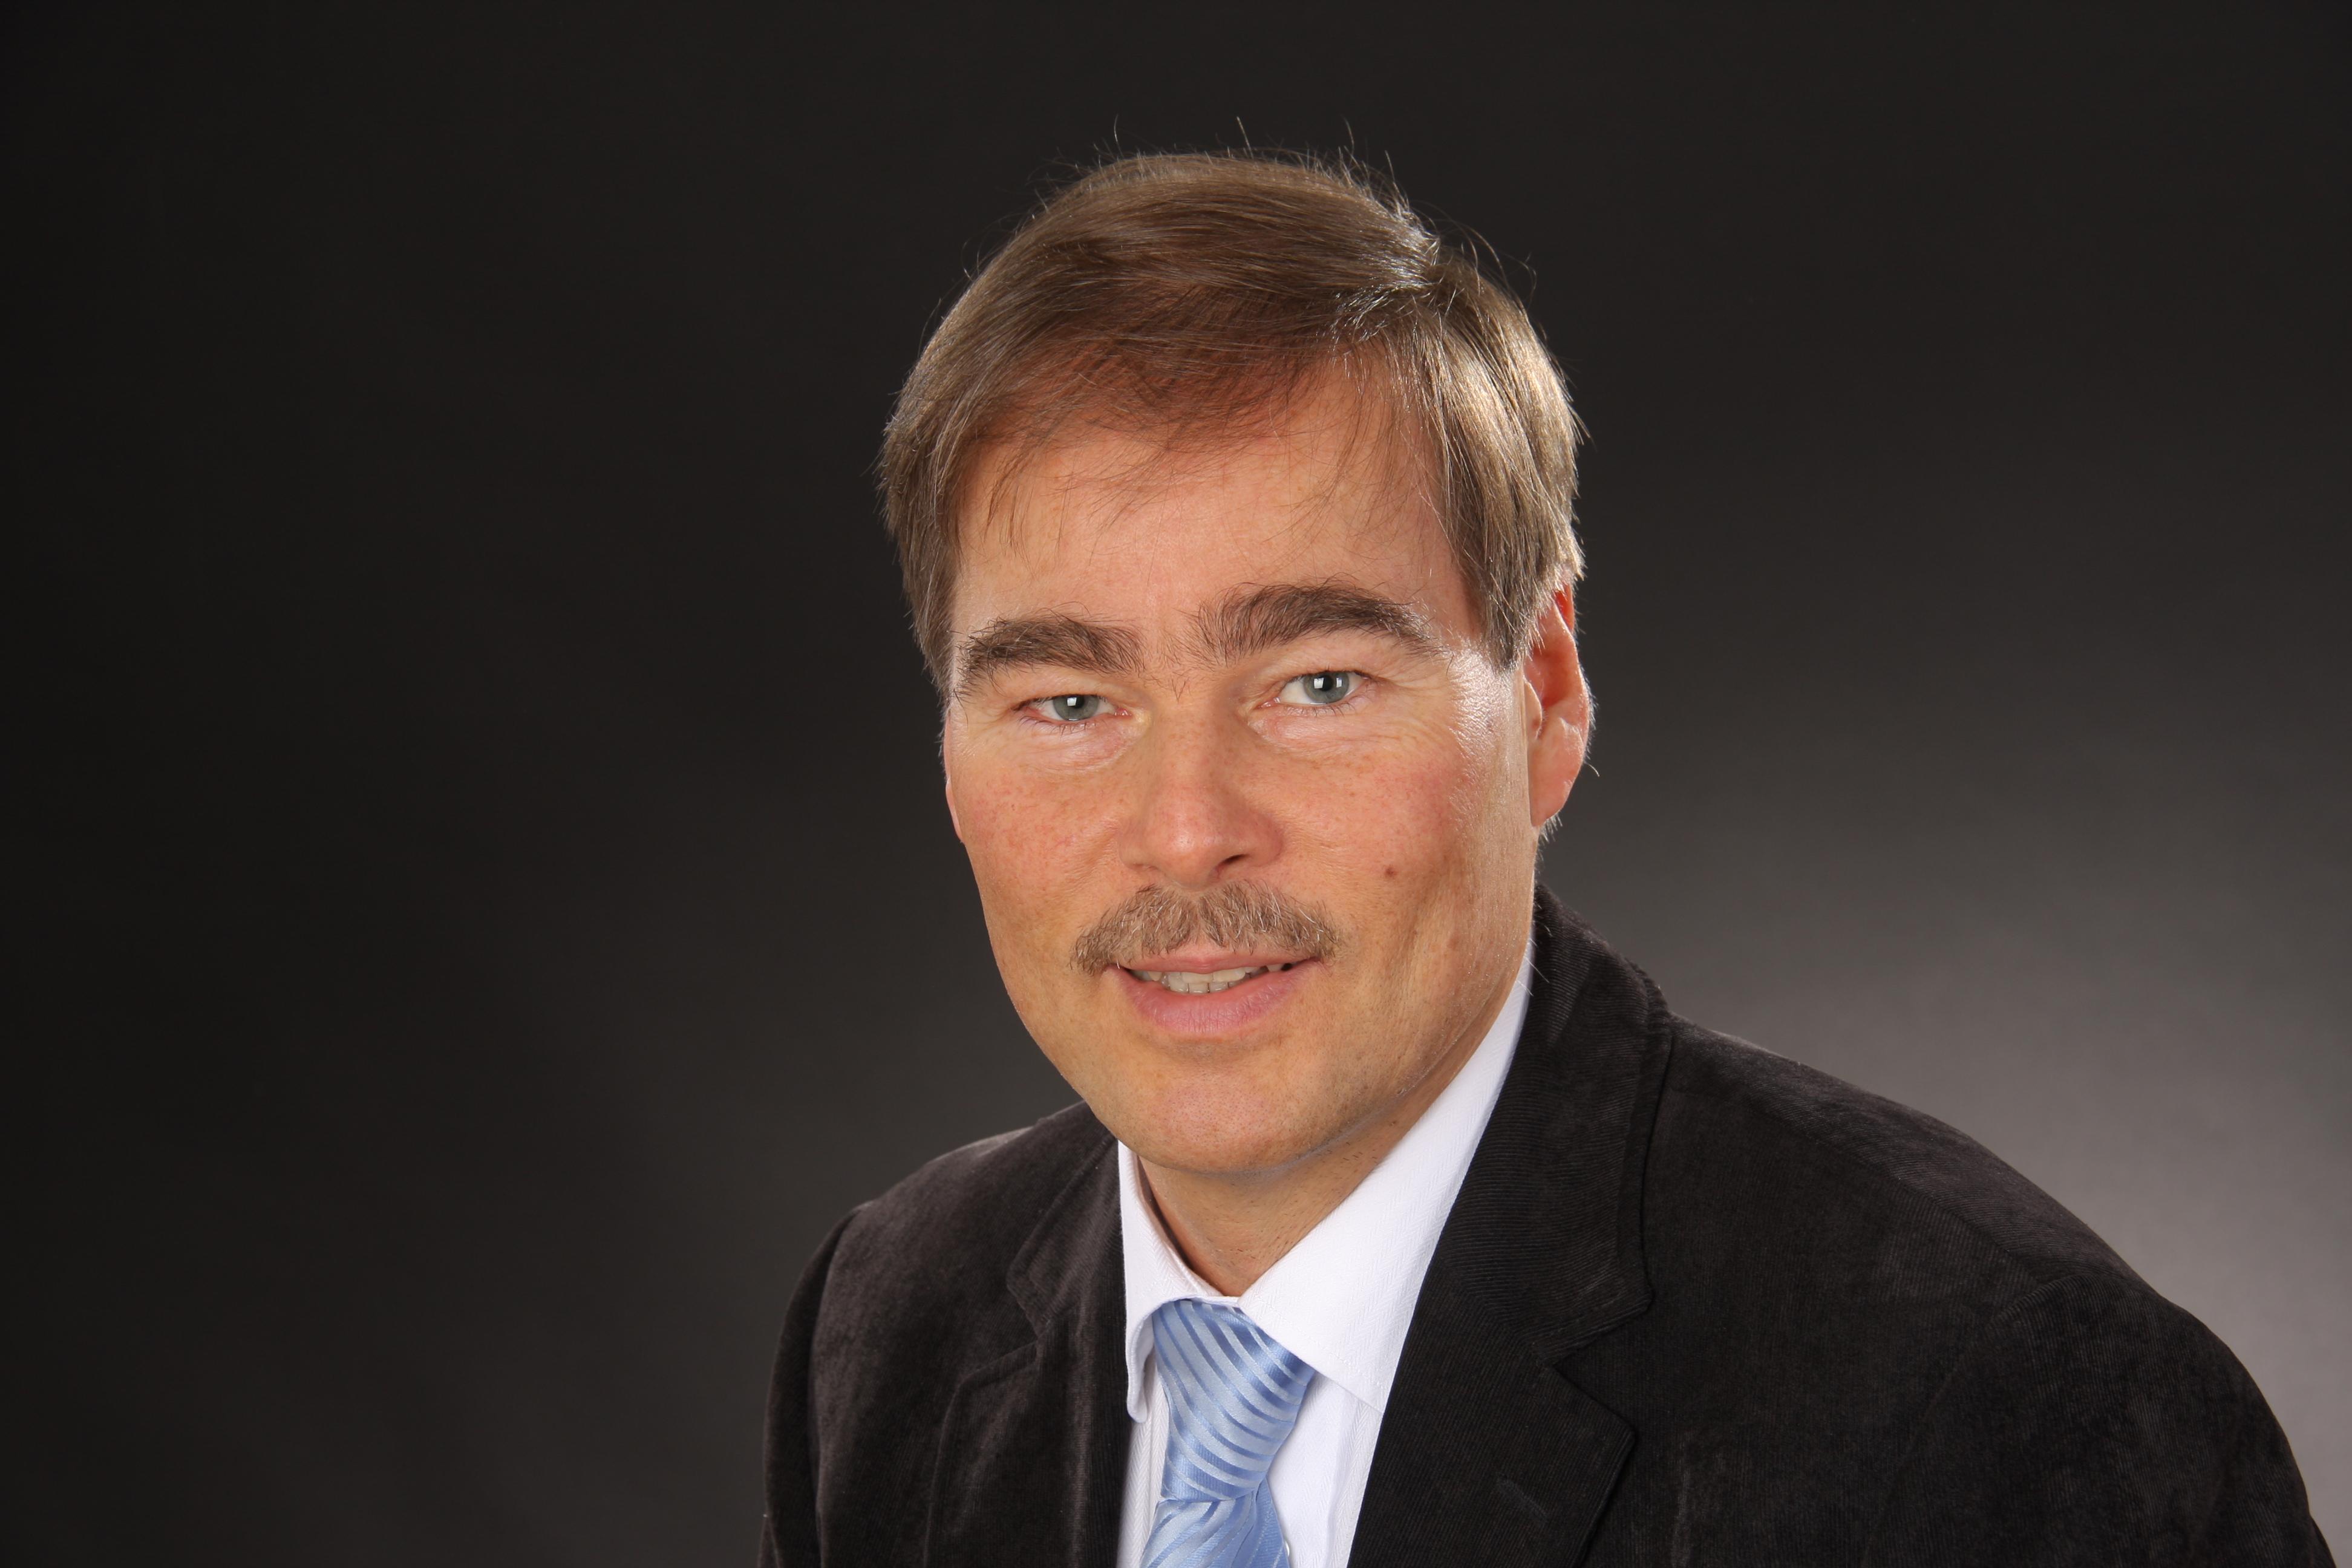 Prof. Dr. Frank Buttgereit